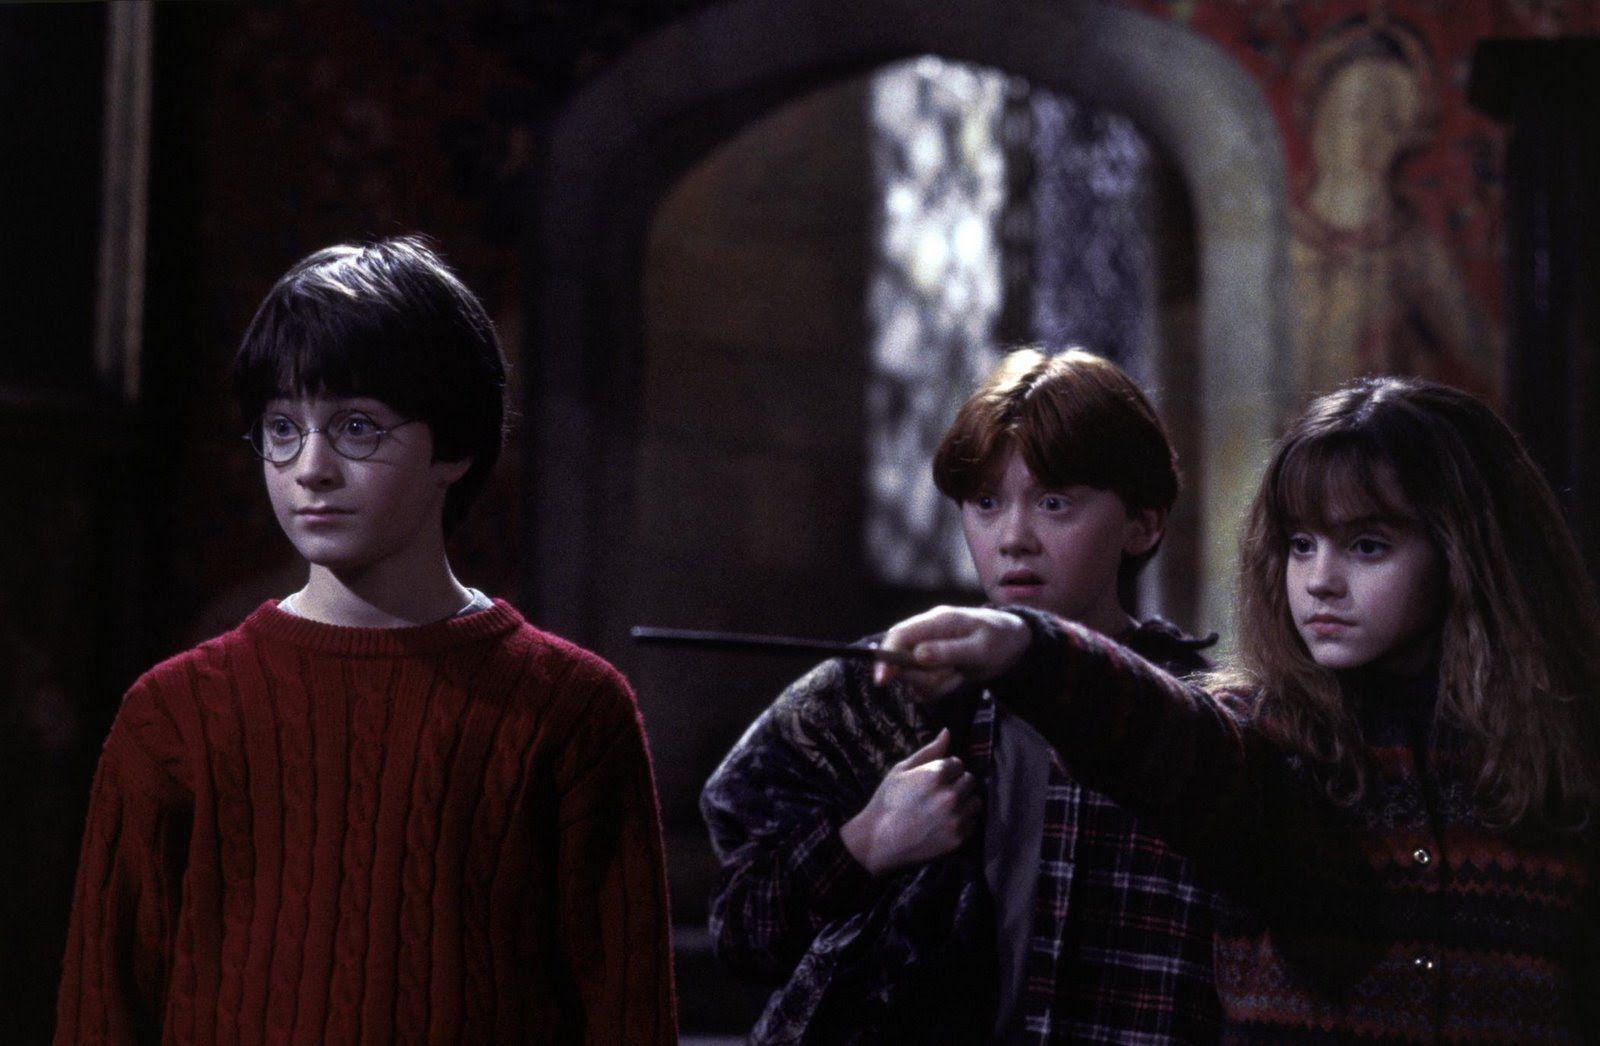 Ver Harry Potter Y La Piedra Filosofal Pelicula Completa En Español Latin Libros De Harry Potter Harry Potter Y La Piedra Filosofal Películas De Harry Potter